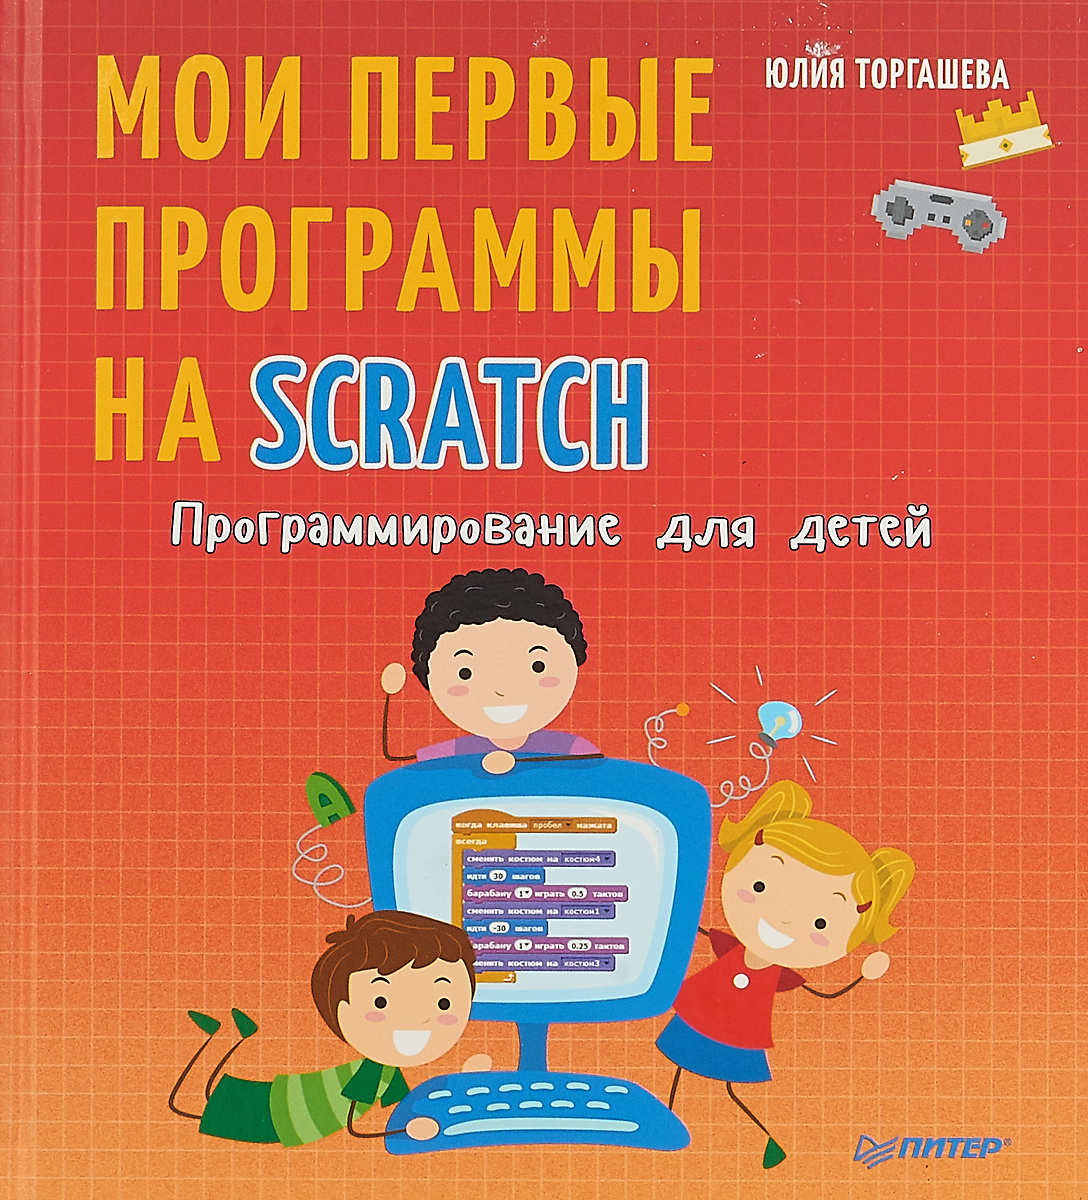 Программирование для детей. Мои первые программы на Scratch | Торгашева Юлия Владимировна  #1